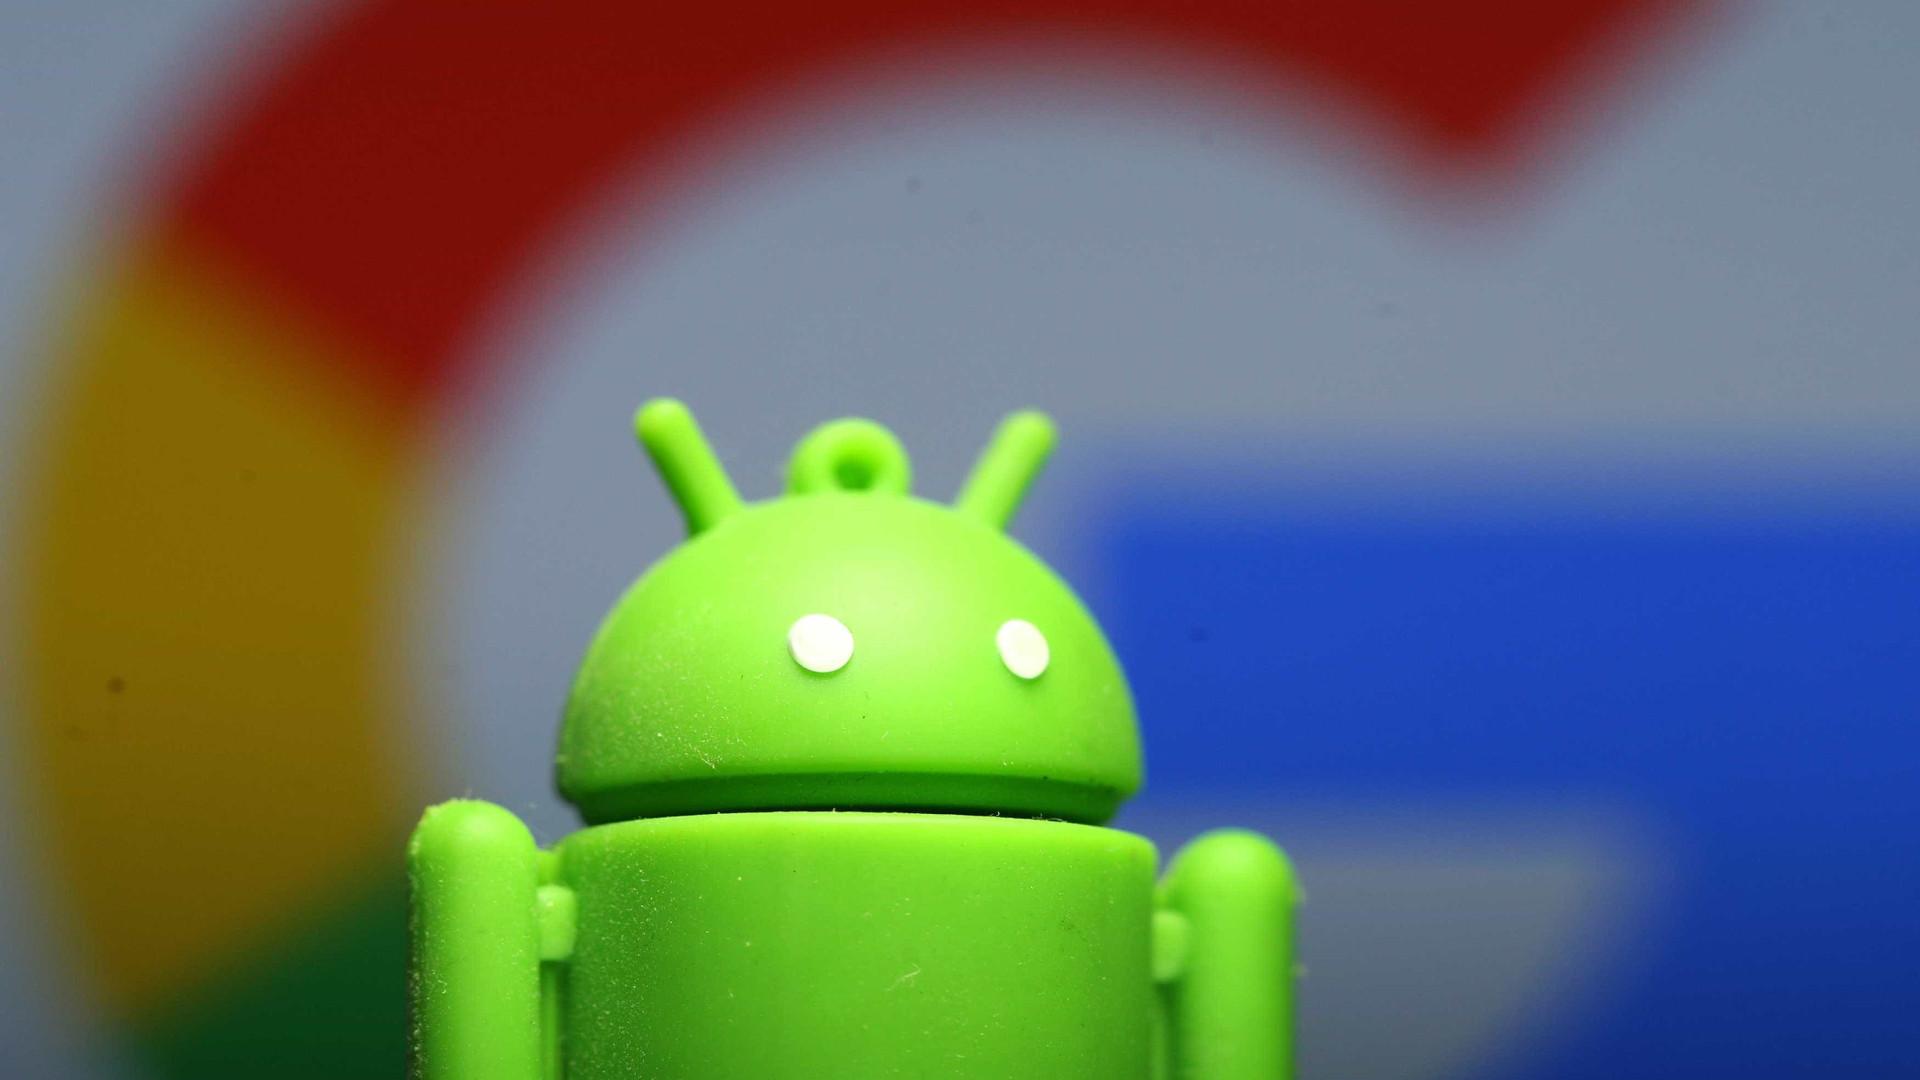 Brecha na segurança do Android expõe informações dos usuários